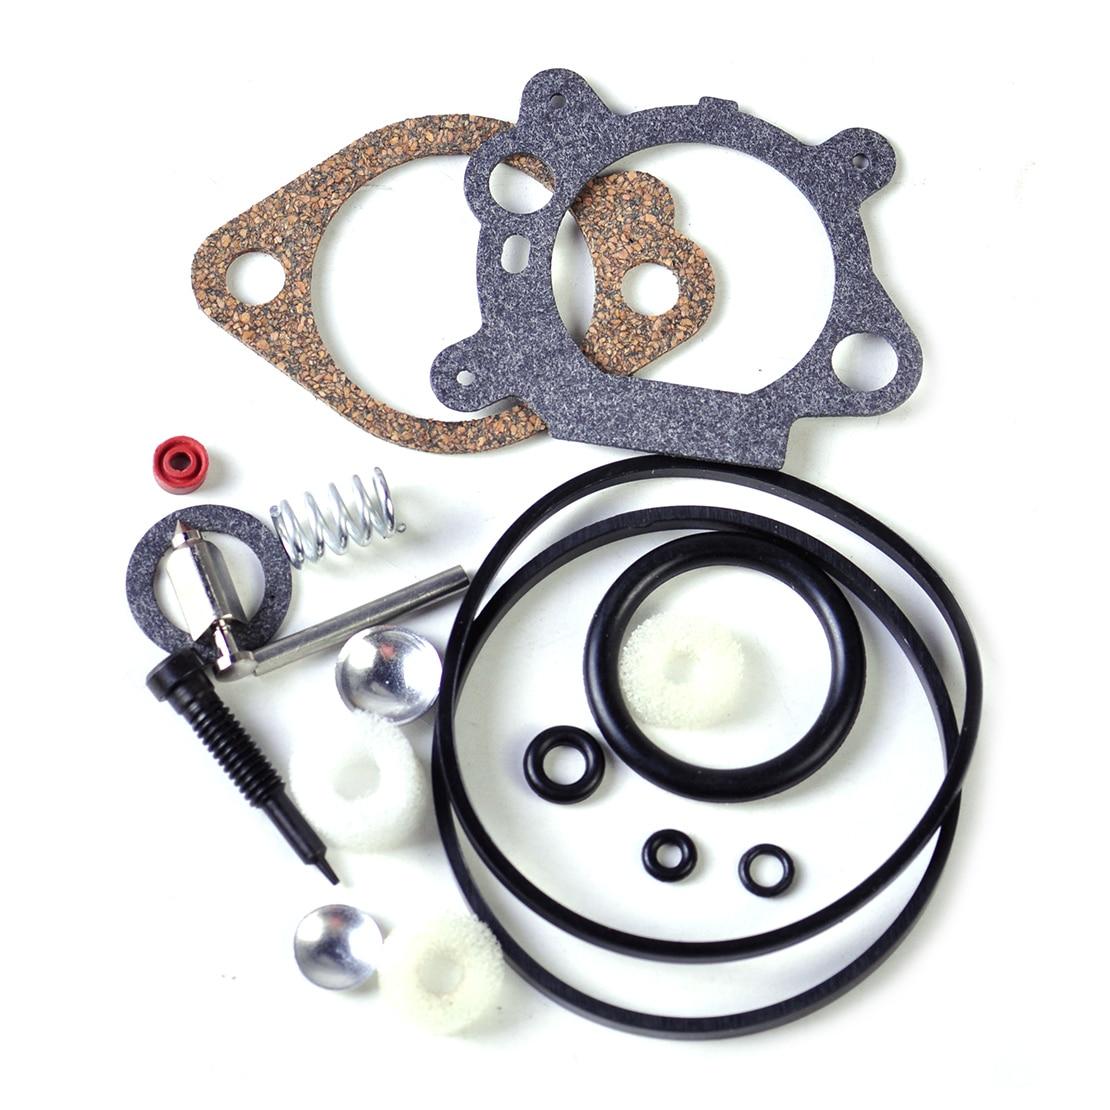 LETAOSK Carburetor Carb Gasket Rebuild Repair Kit Fit For Briggs & Stratton 492495 493762 498260